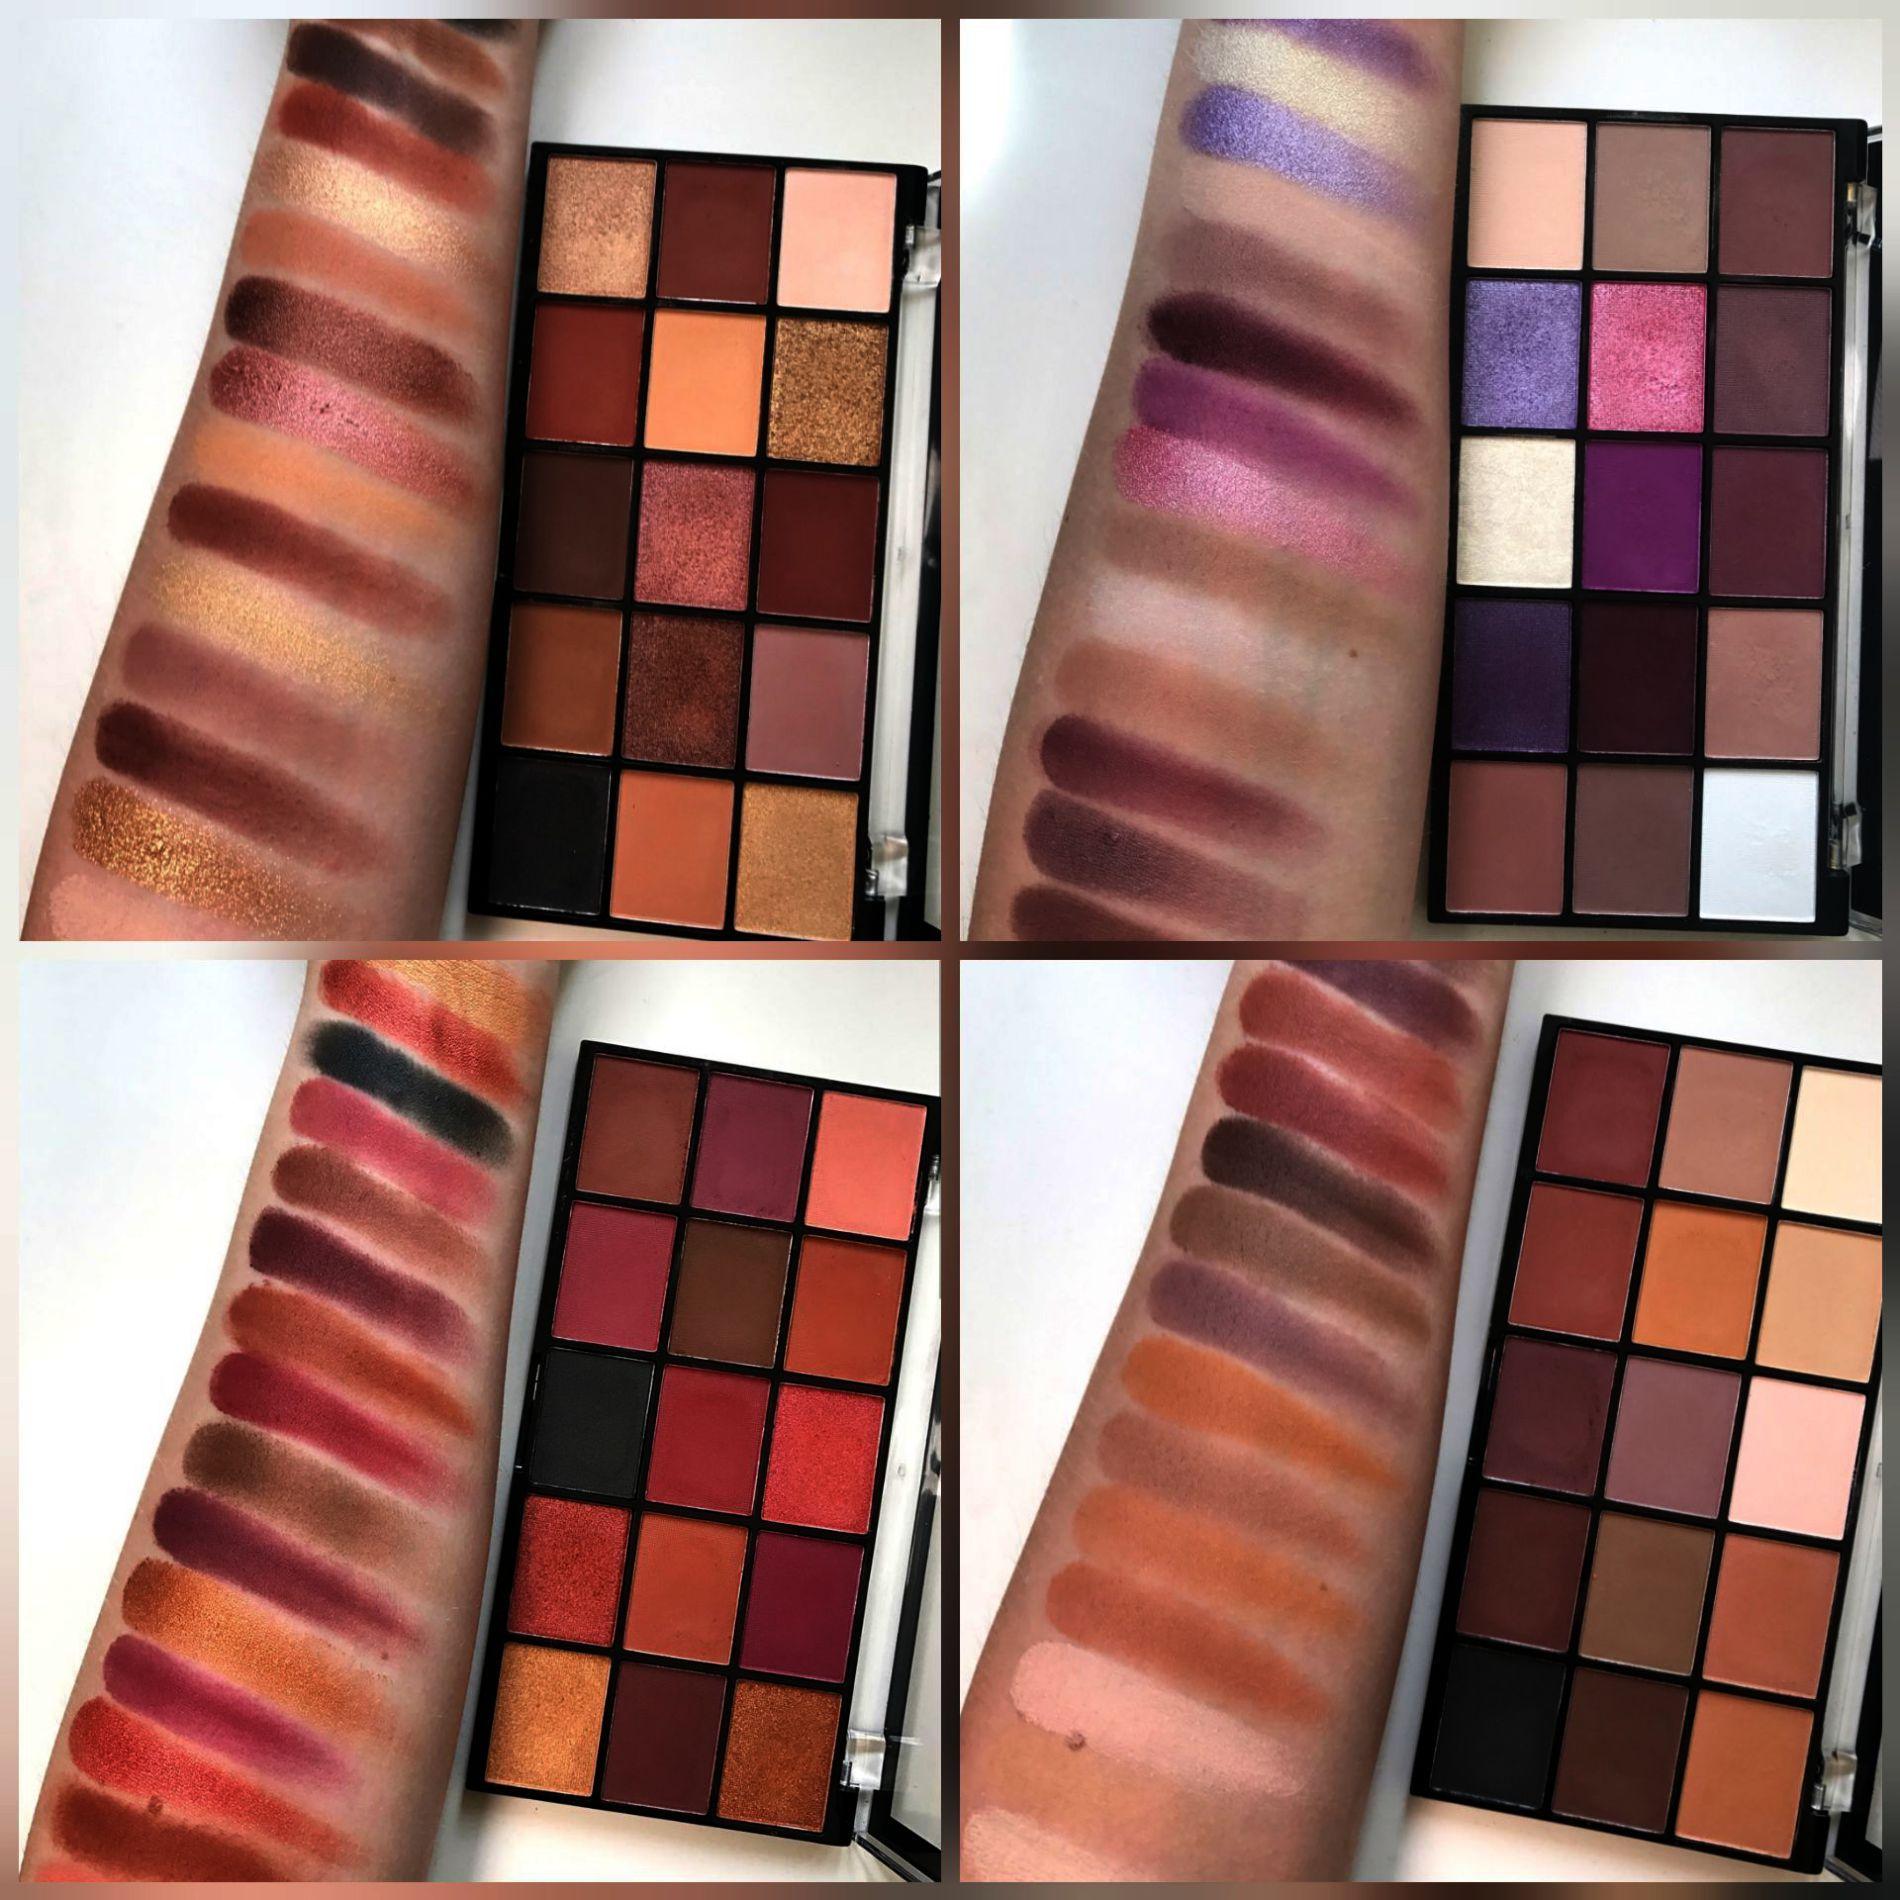 Makeup Brush Kit India the Makeup Game Real. Makeup Kit At